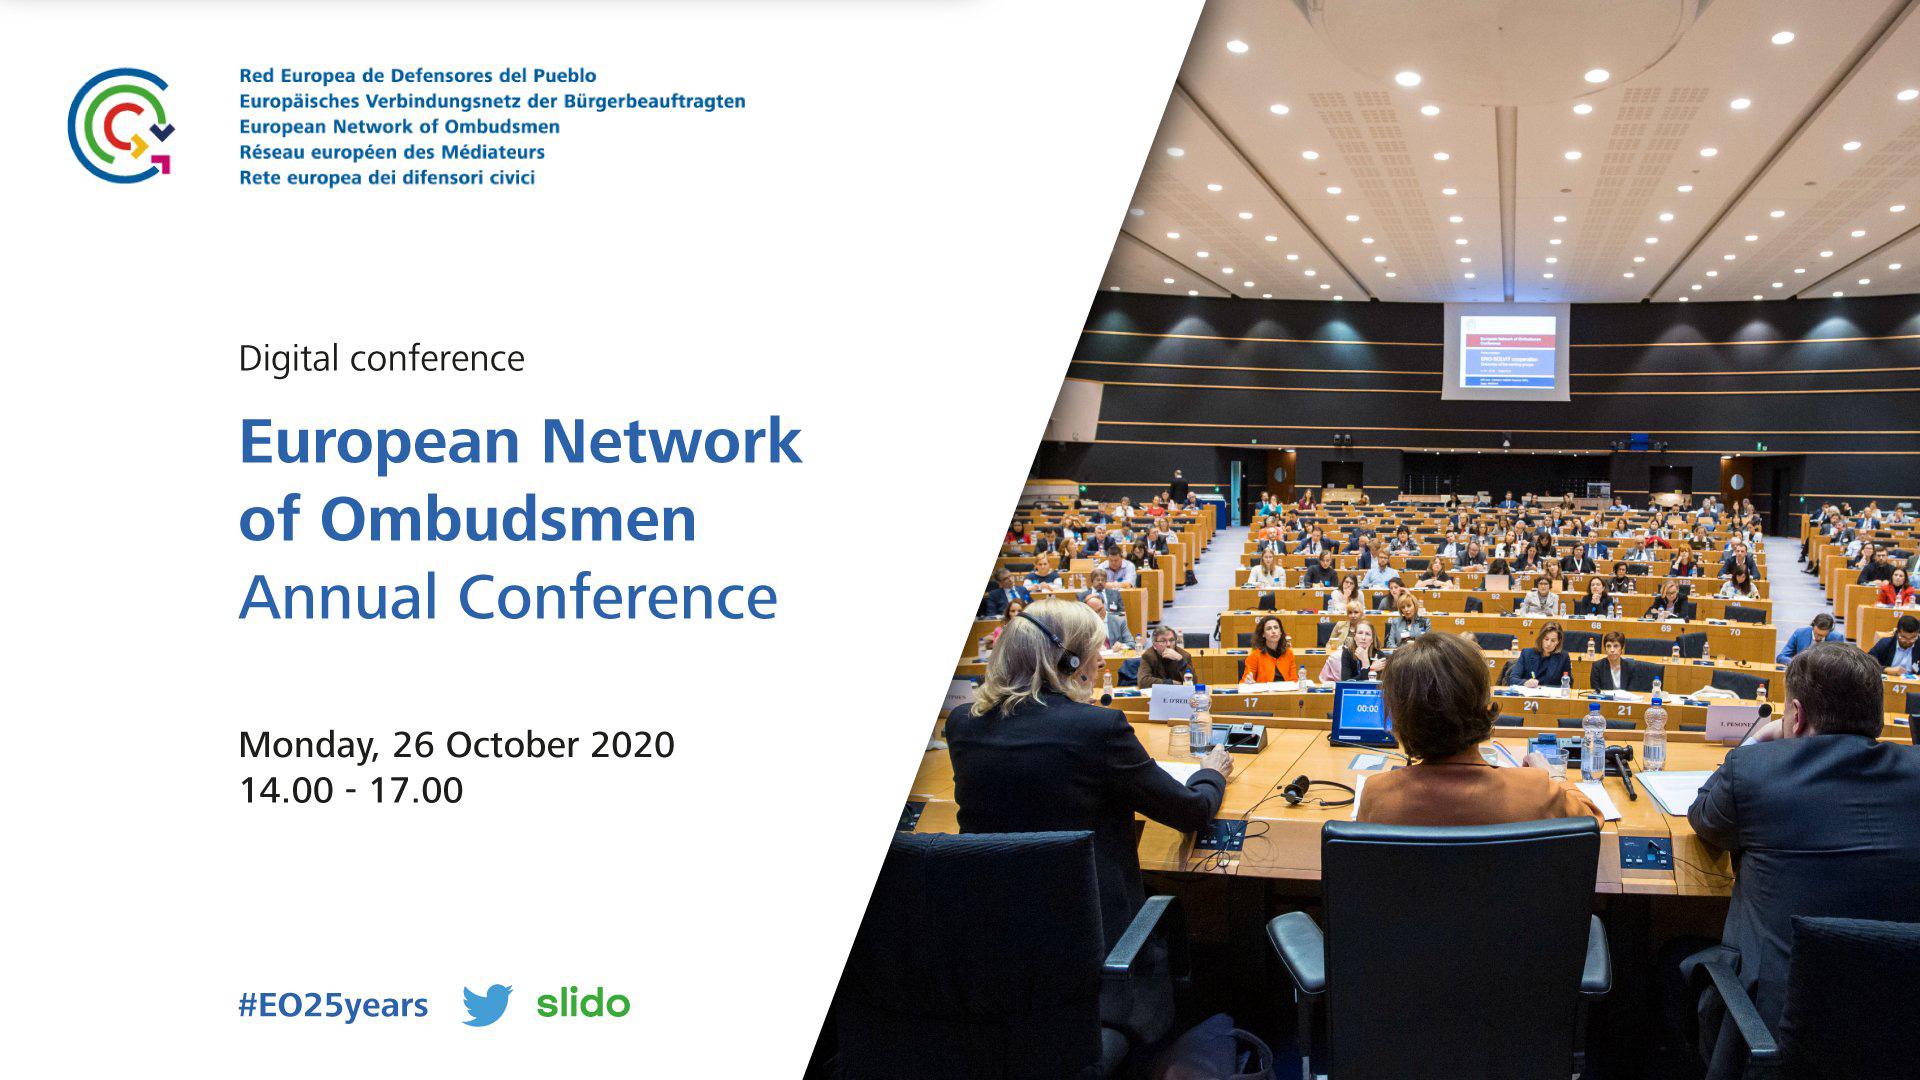 Európska sieť ombudsmanov